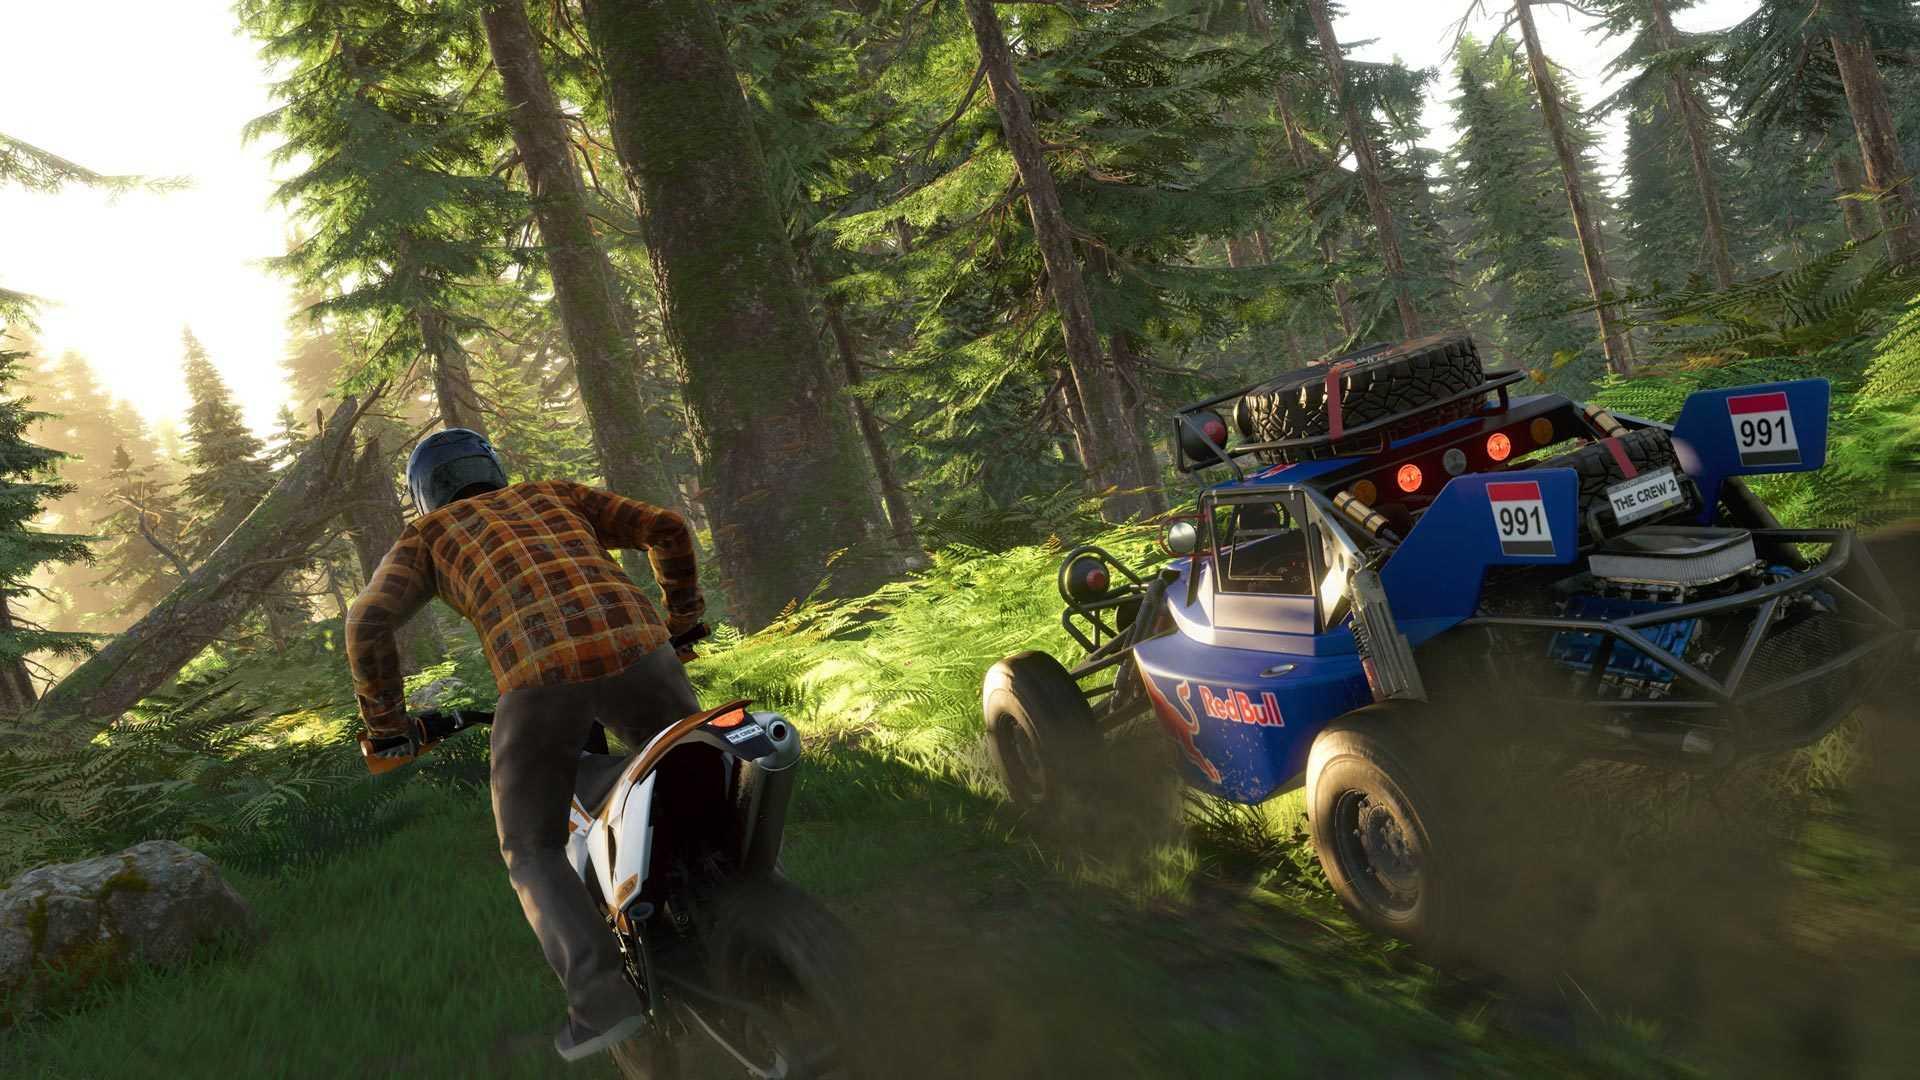 In der Demo von The Crew 2 überzeugten uns vor allem die Gelände-Motorräder, die anspruchsvoll zu steuern waren.